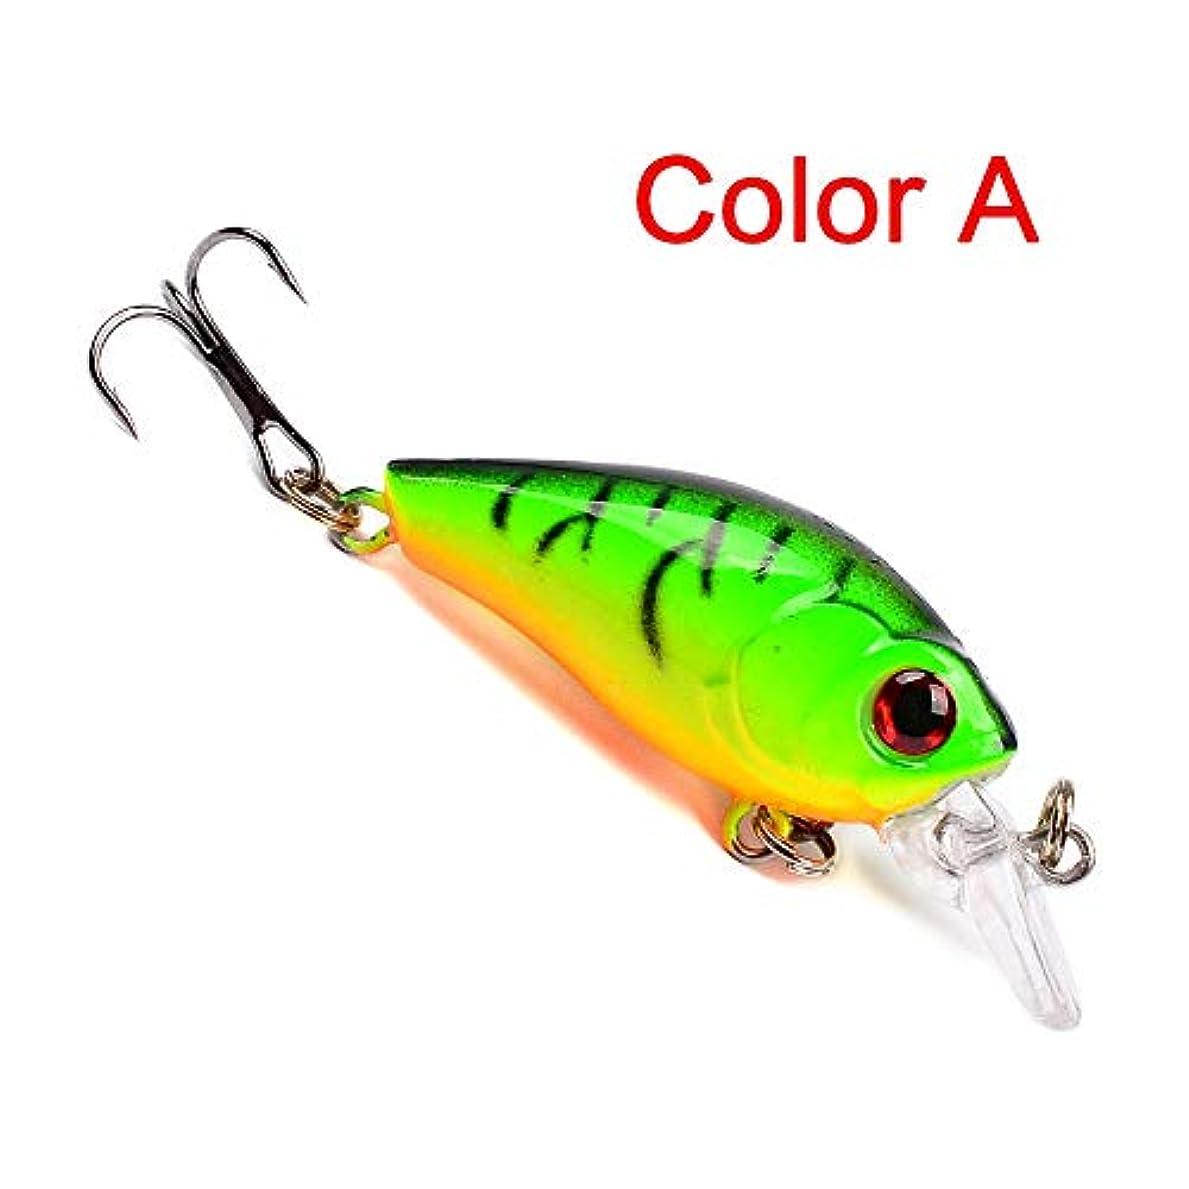 カートリッジ広くシュガーHkkint 釣り餌4.5センチ古典的な道路餌ぽっちゃりプラスチックハード餌3.55グラム呂雅バイオニック餌呂雅ロックベイト (Color : A)